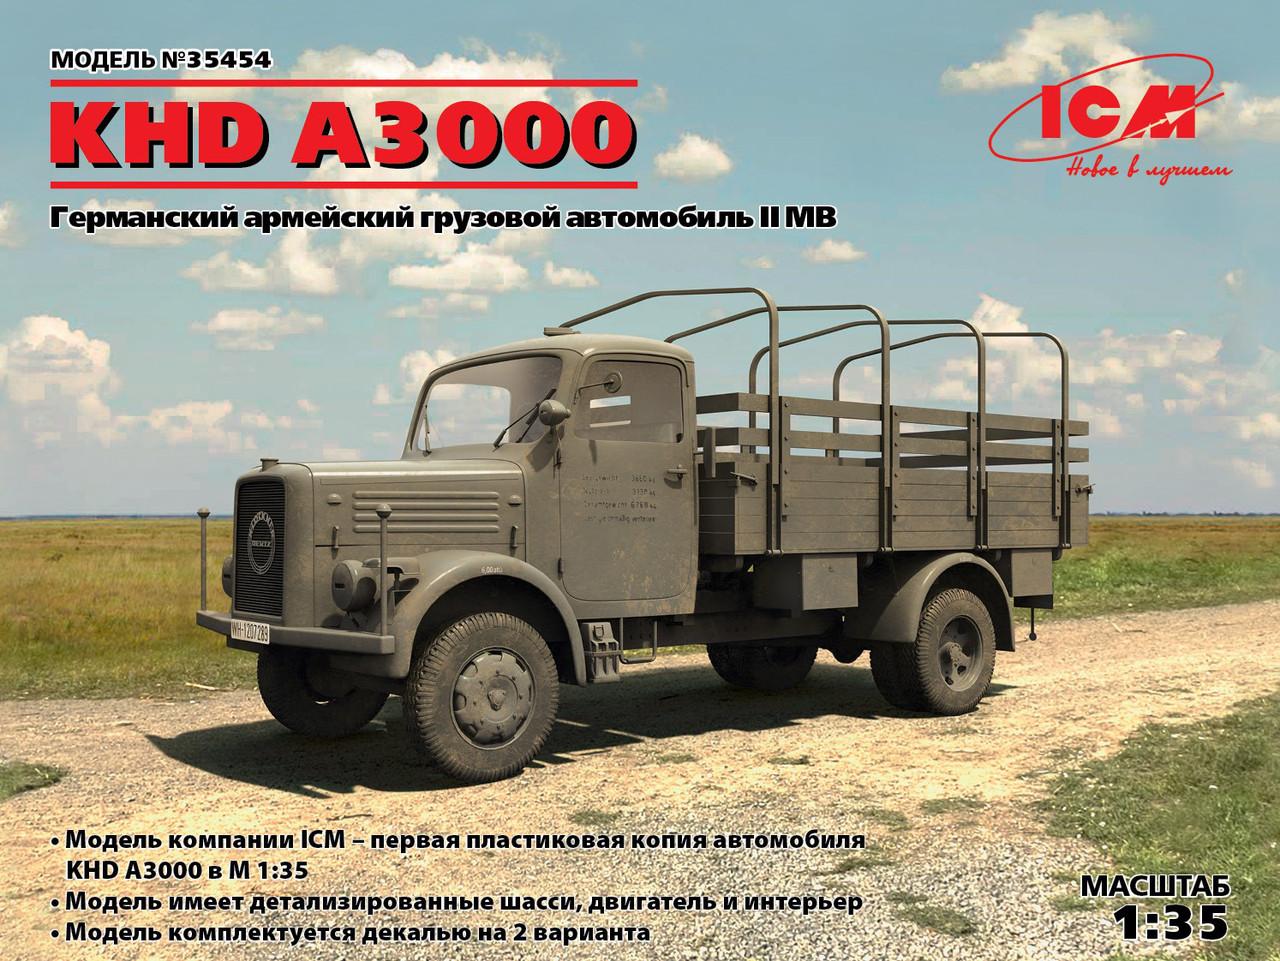 KHD A3000, Германский армейский грузовой автомобиль ІІ МВ. 1/35 ICM 35454